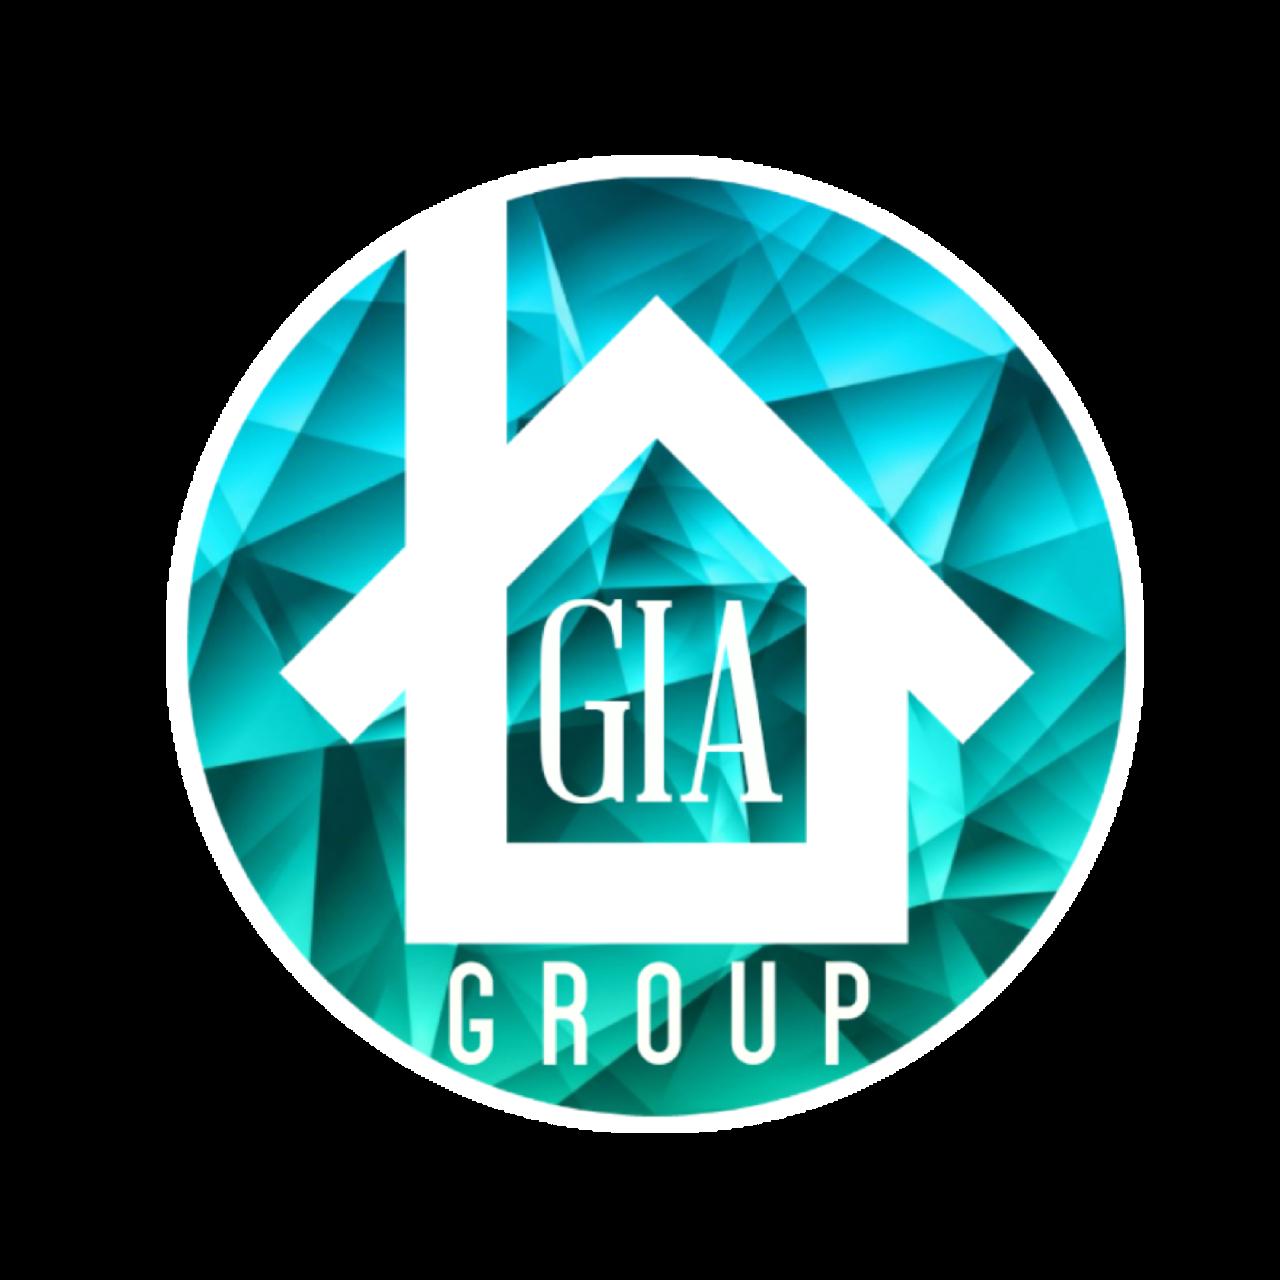 Gia Group